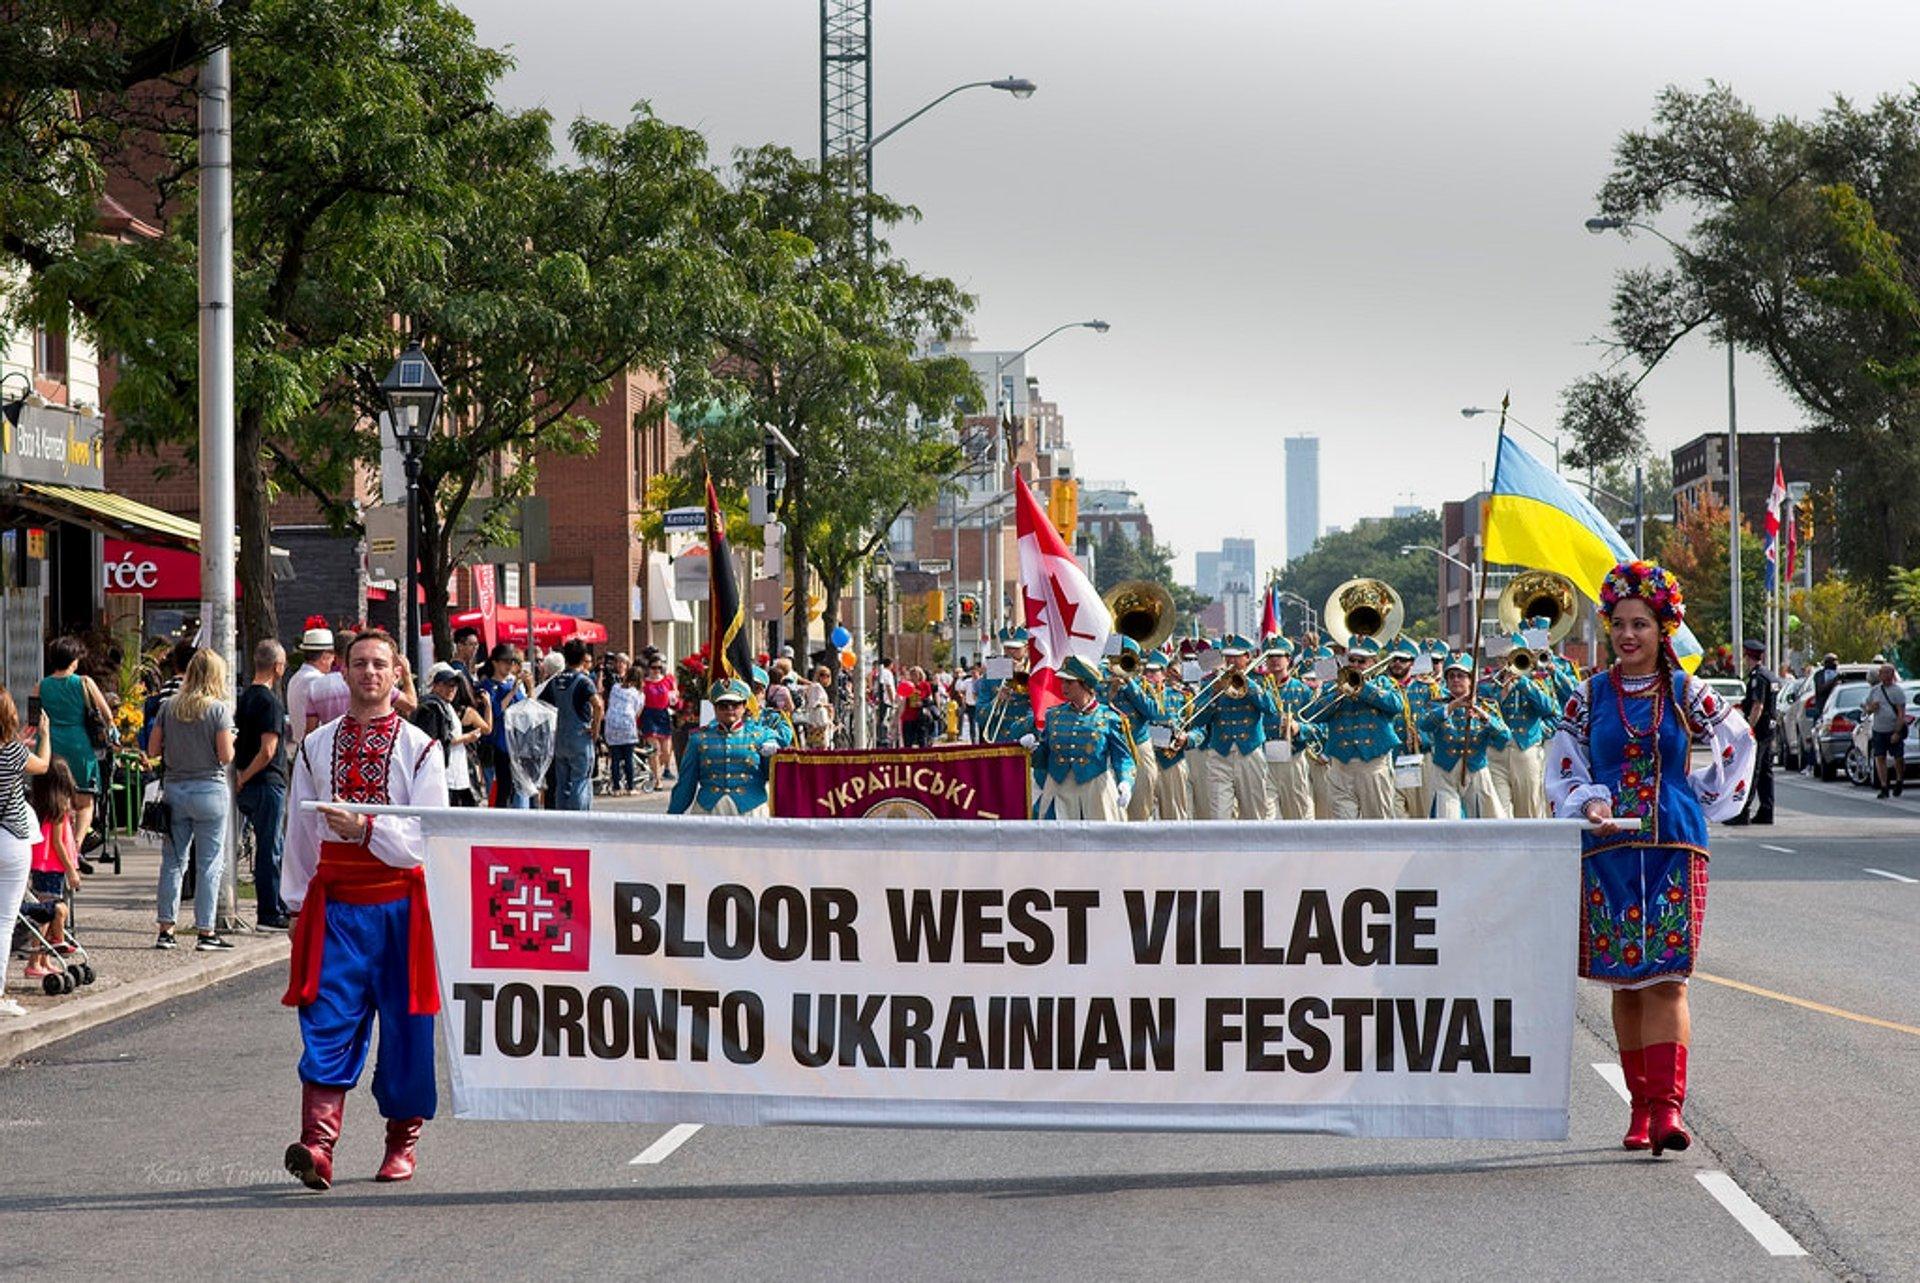 Жизнь футбольной «Воркуты» из Канады: не делят русских и украинцев, платят почти среднюю зарплату по стране, на логотипе – колючая проволока